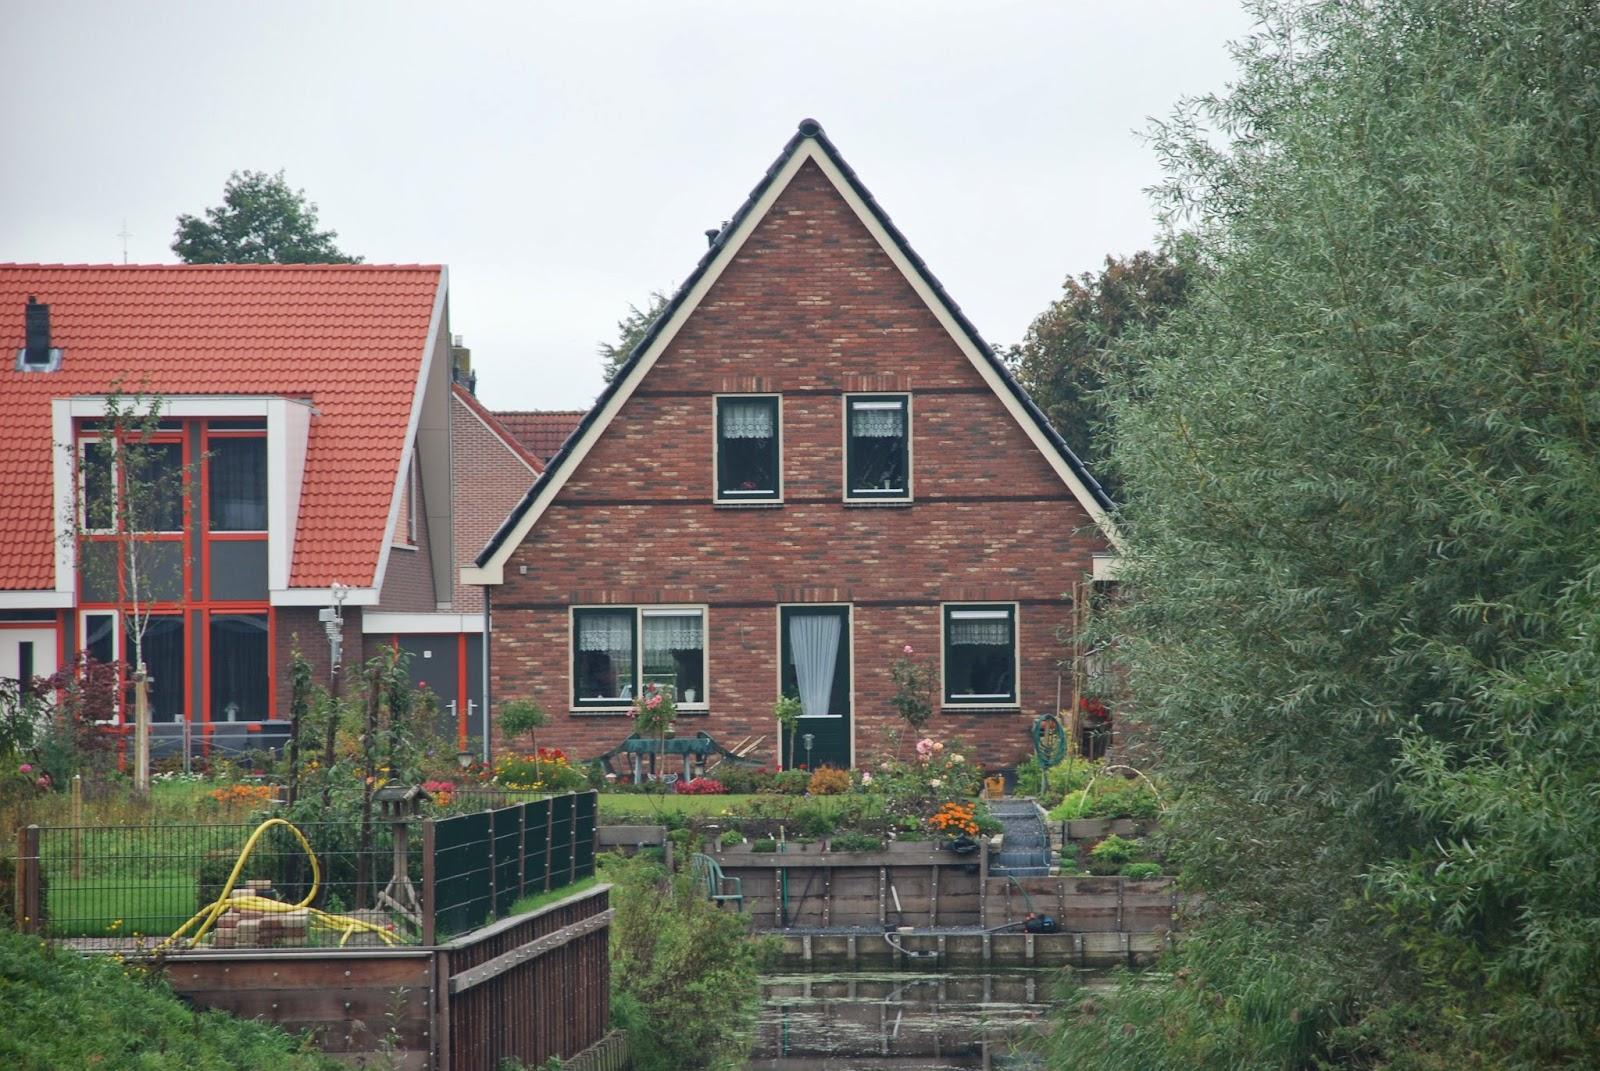 Te koop de blauwe lely 27 vrijstaande woning hem for Huizen te koop friesland